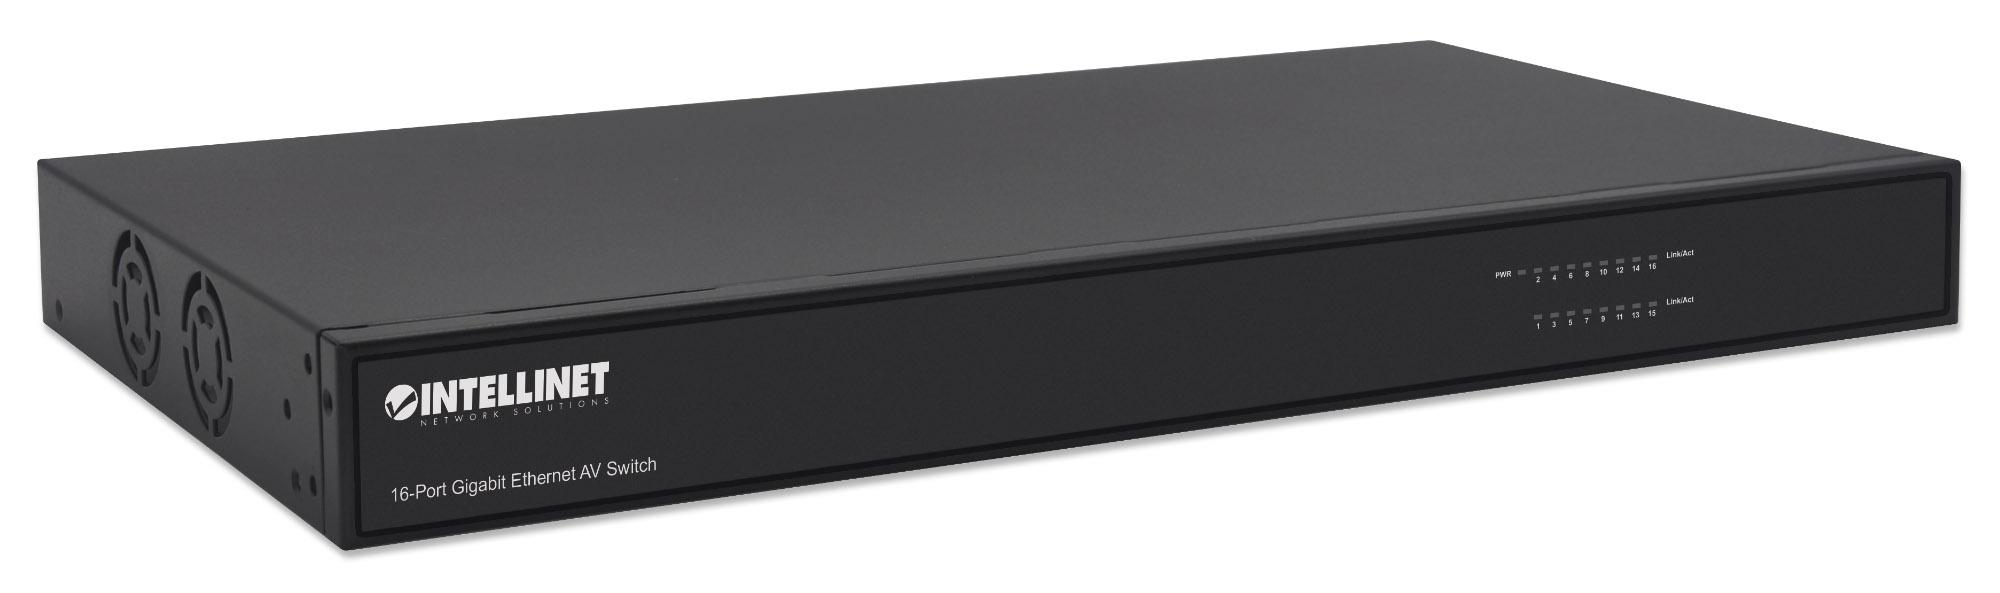 16-Port Gigabit Ethernet AV Switch